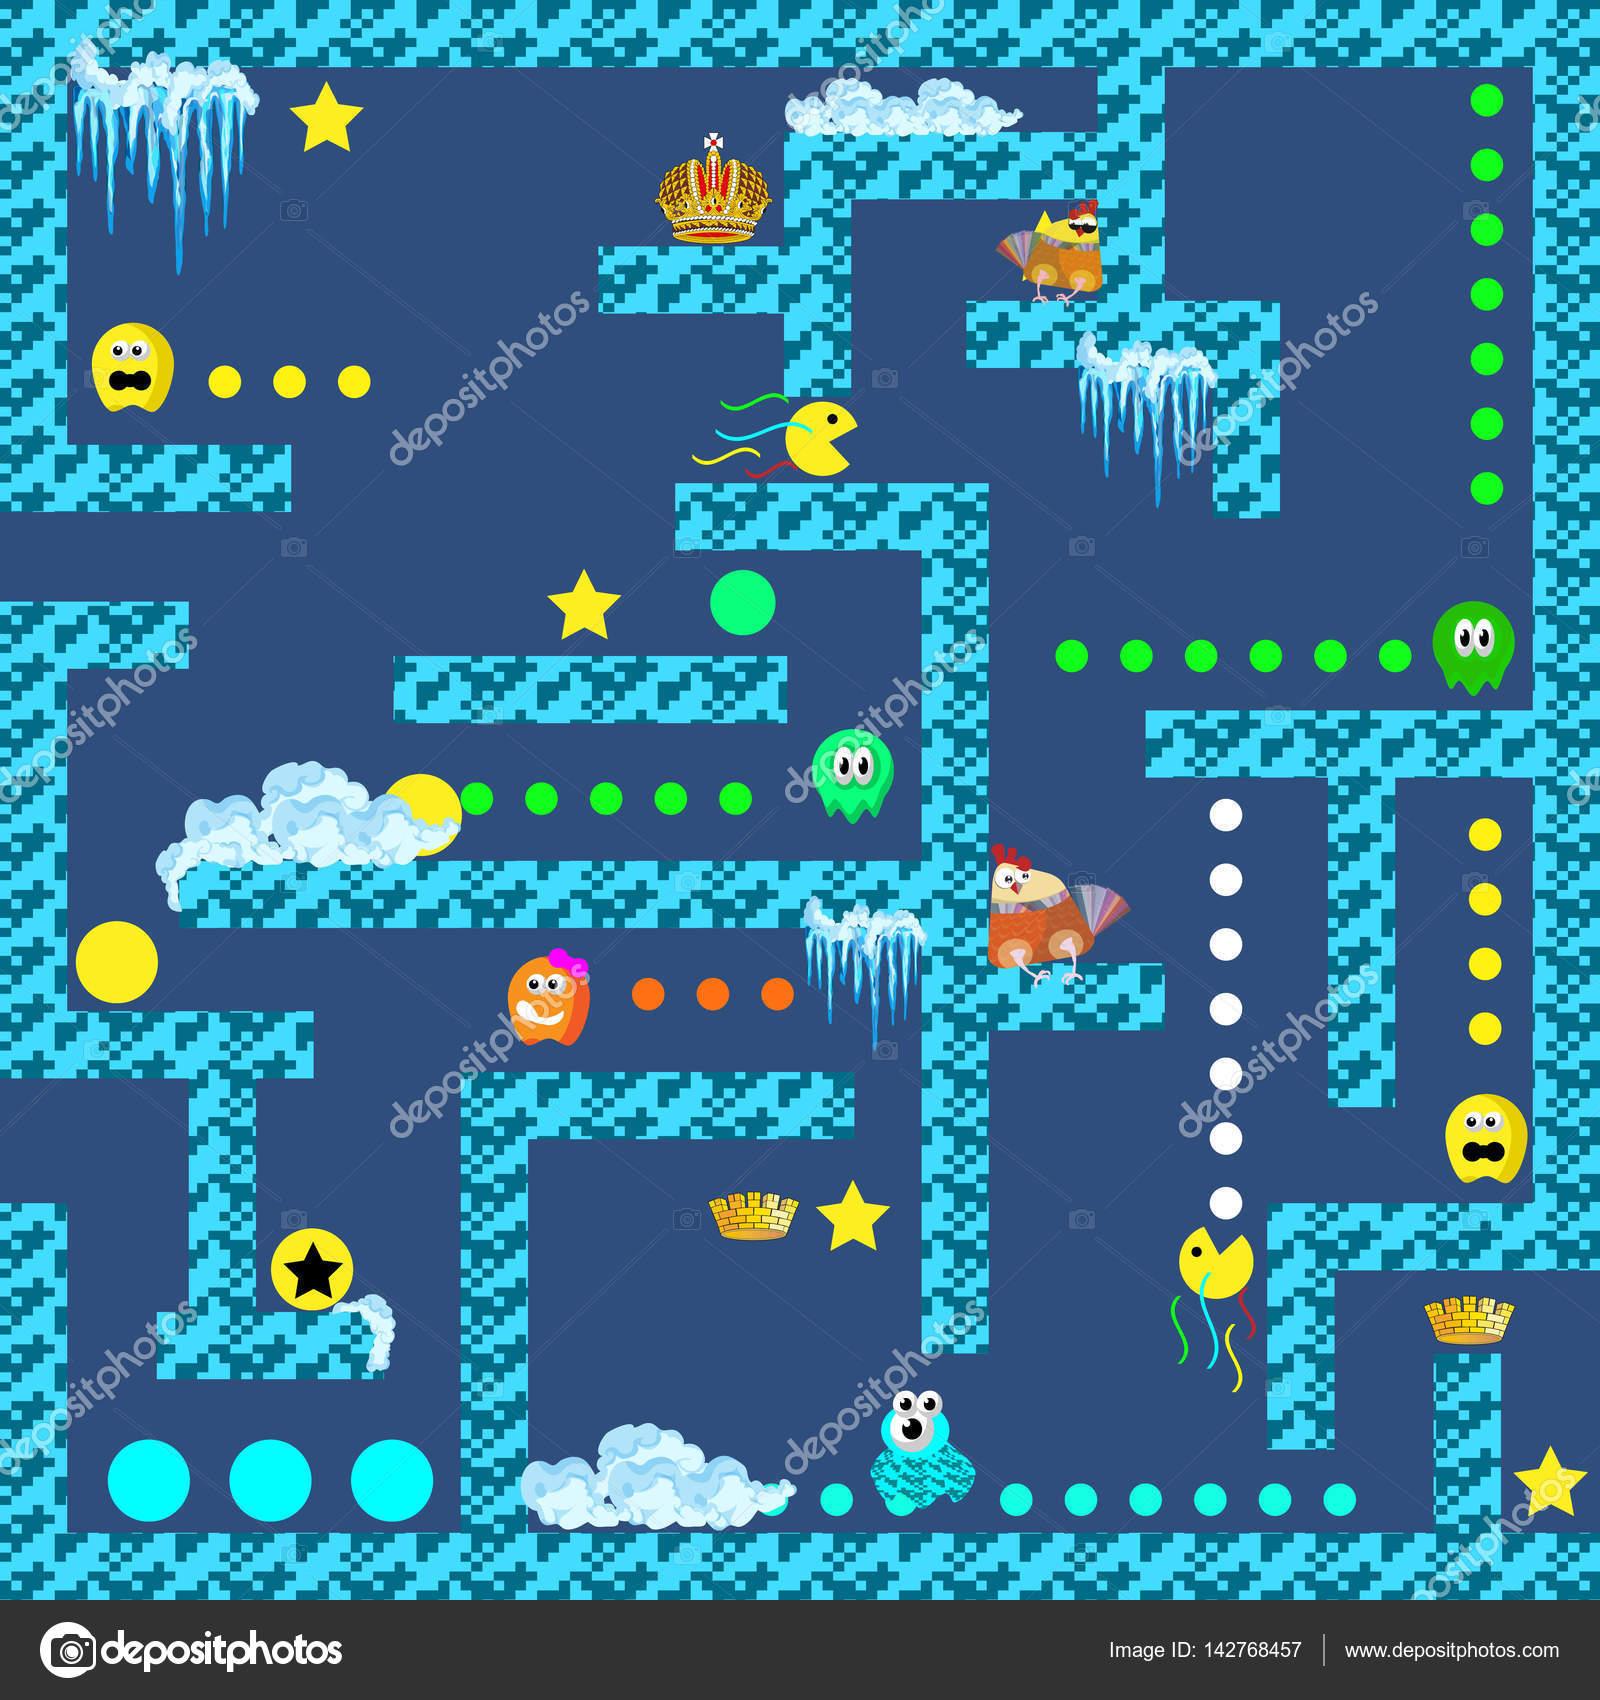 Juego De Arcade Retro De 8 Bit Pixel Vector De Stock C Executioner